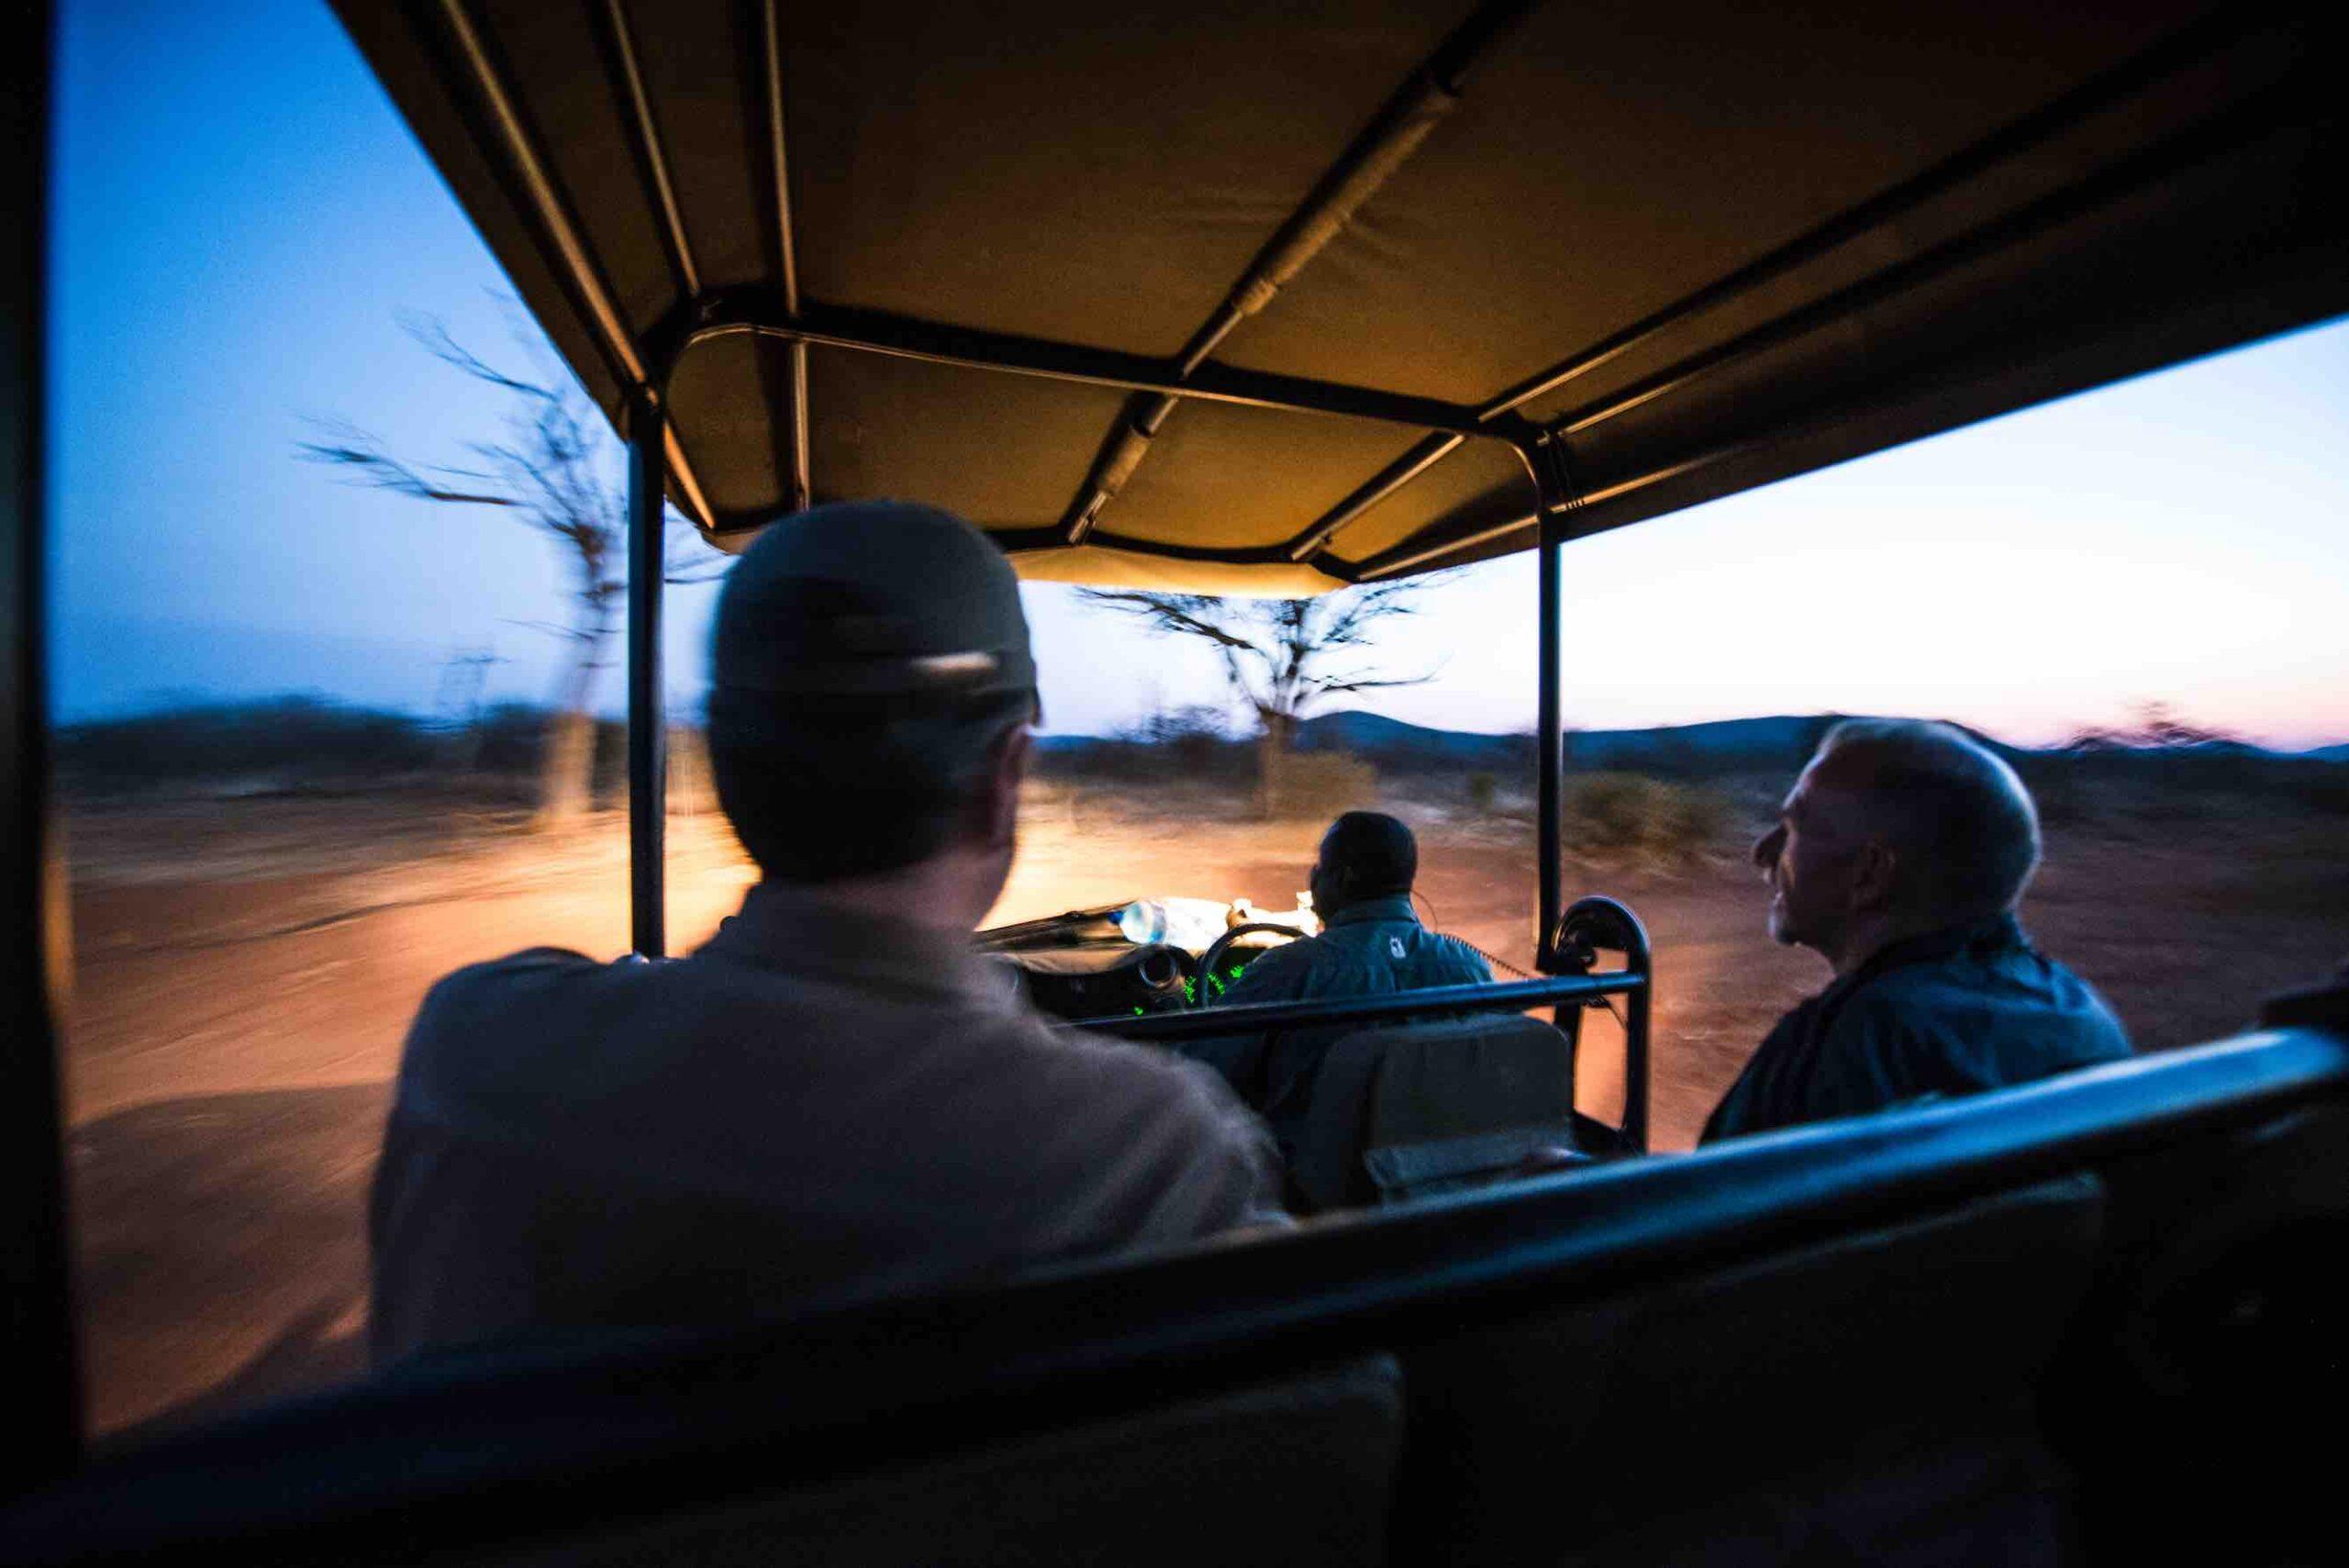 Zugreise mit Rovos Rail in Afrika. Von der Rückbank eines Safari Jeep sieht man zwei Gäste sowie den Ranger des Game Reserve. Draussen ist es bereits am Eindunkeln